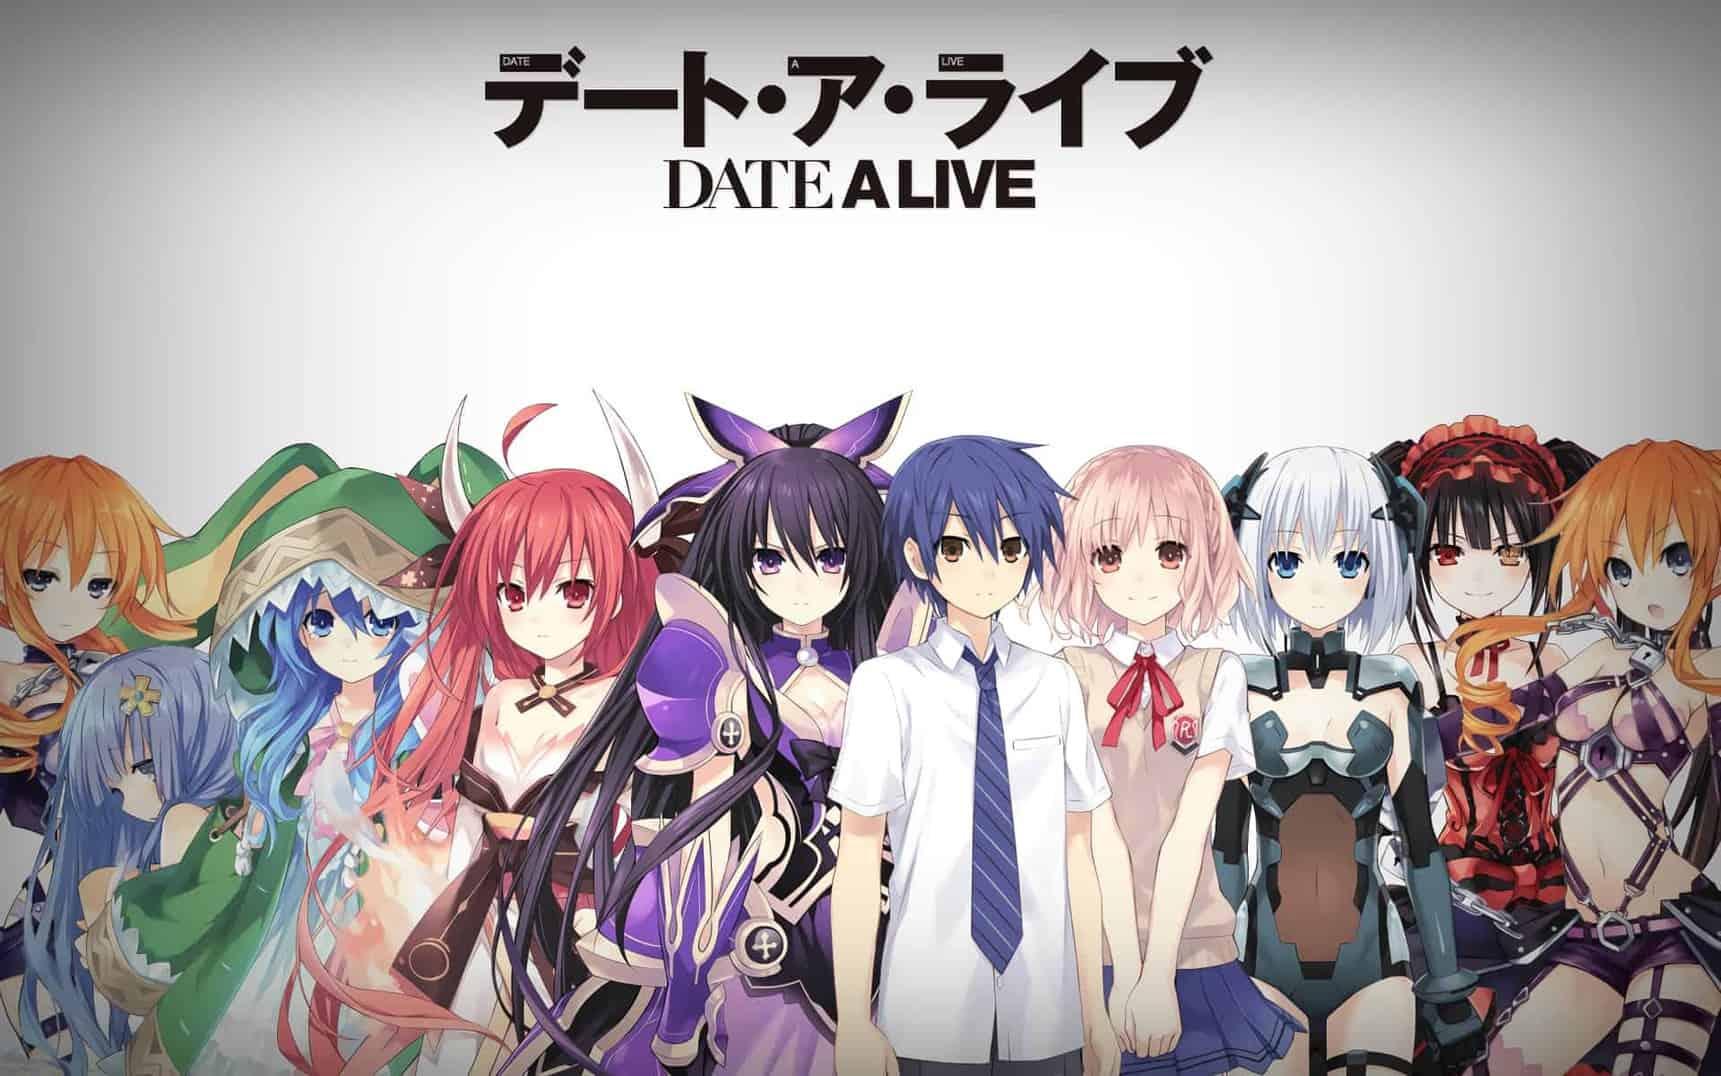 date a live season 4 release date